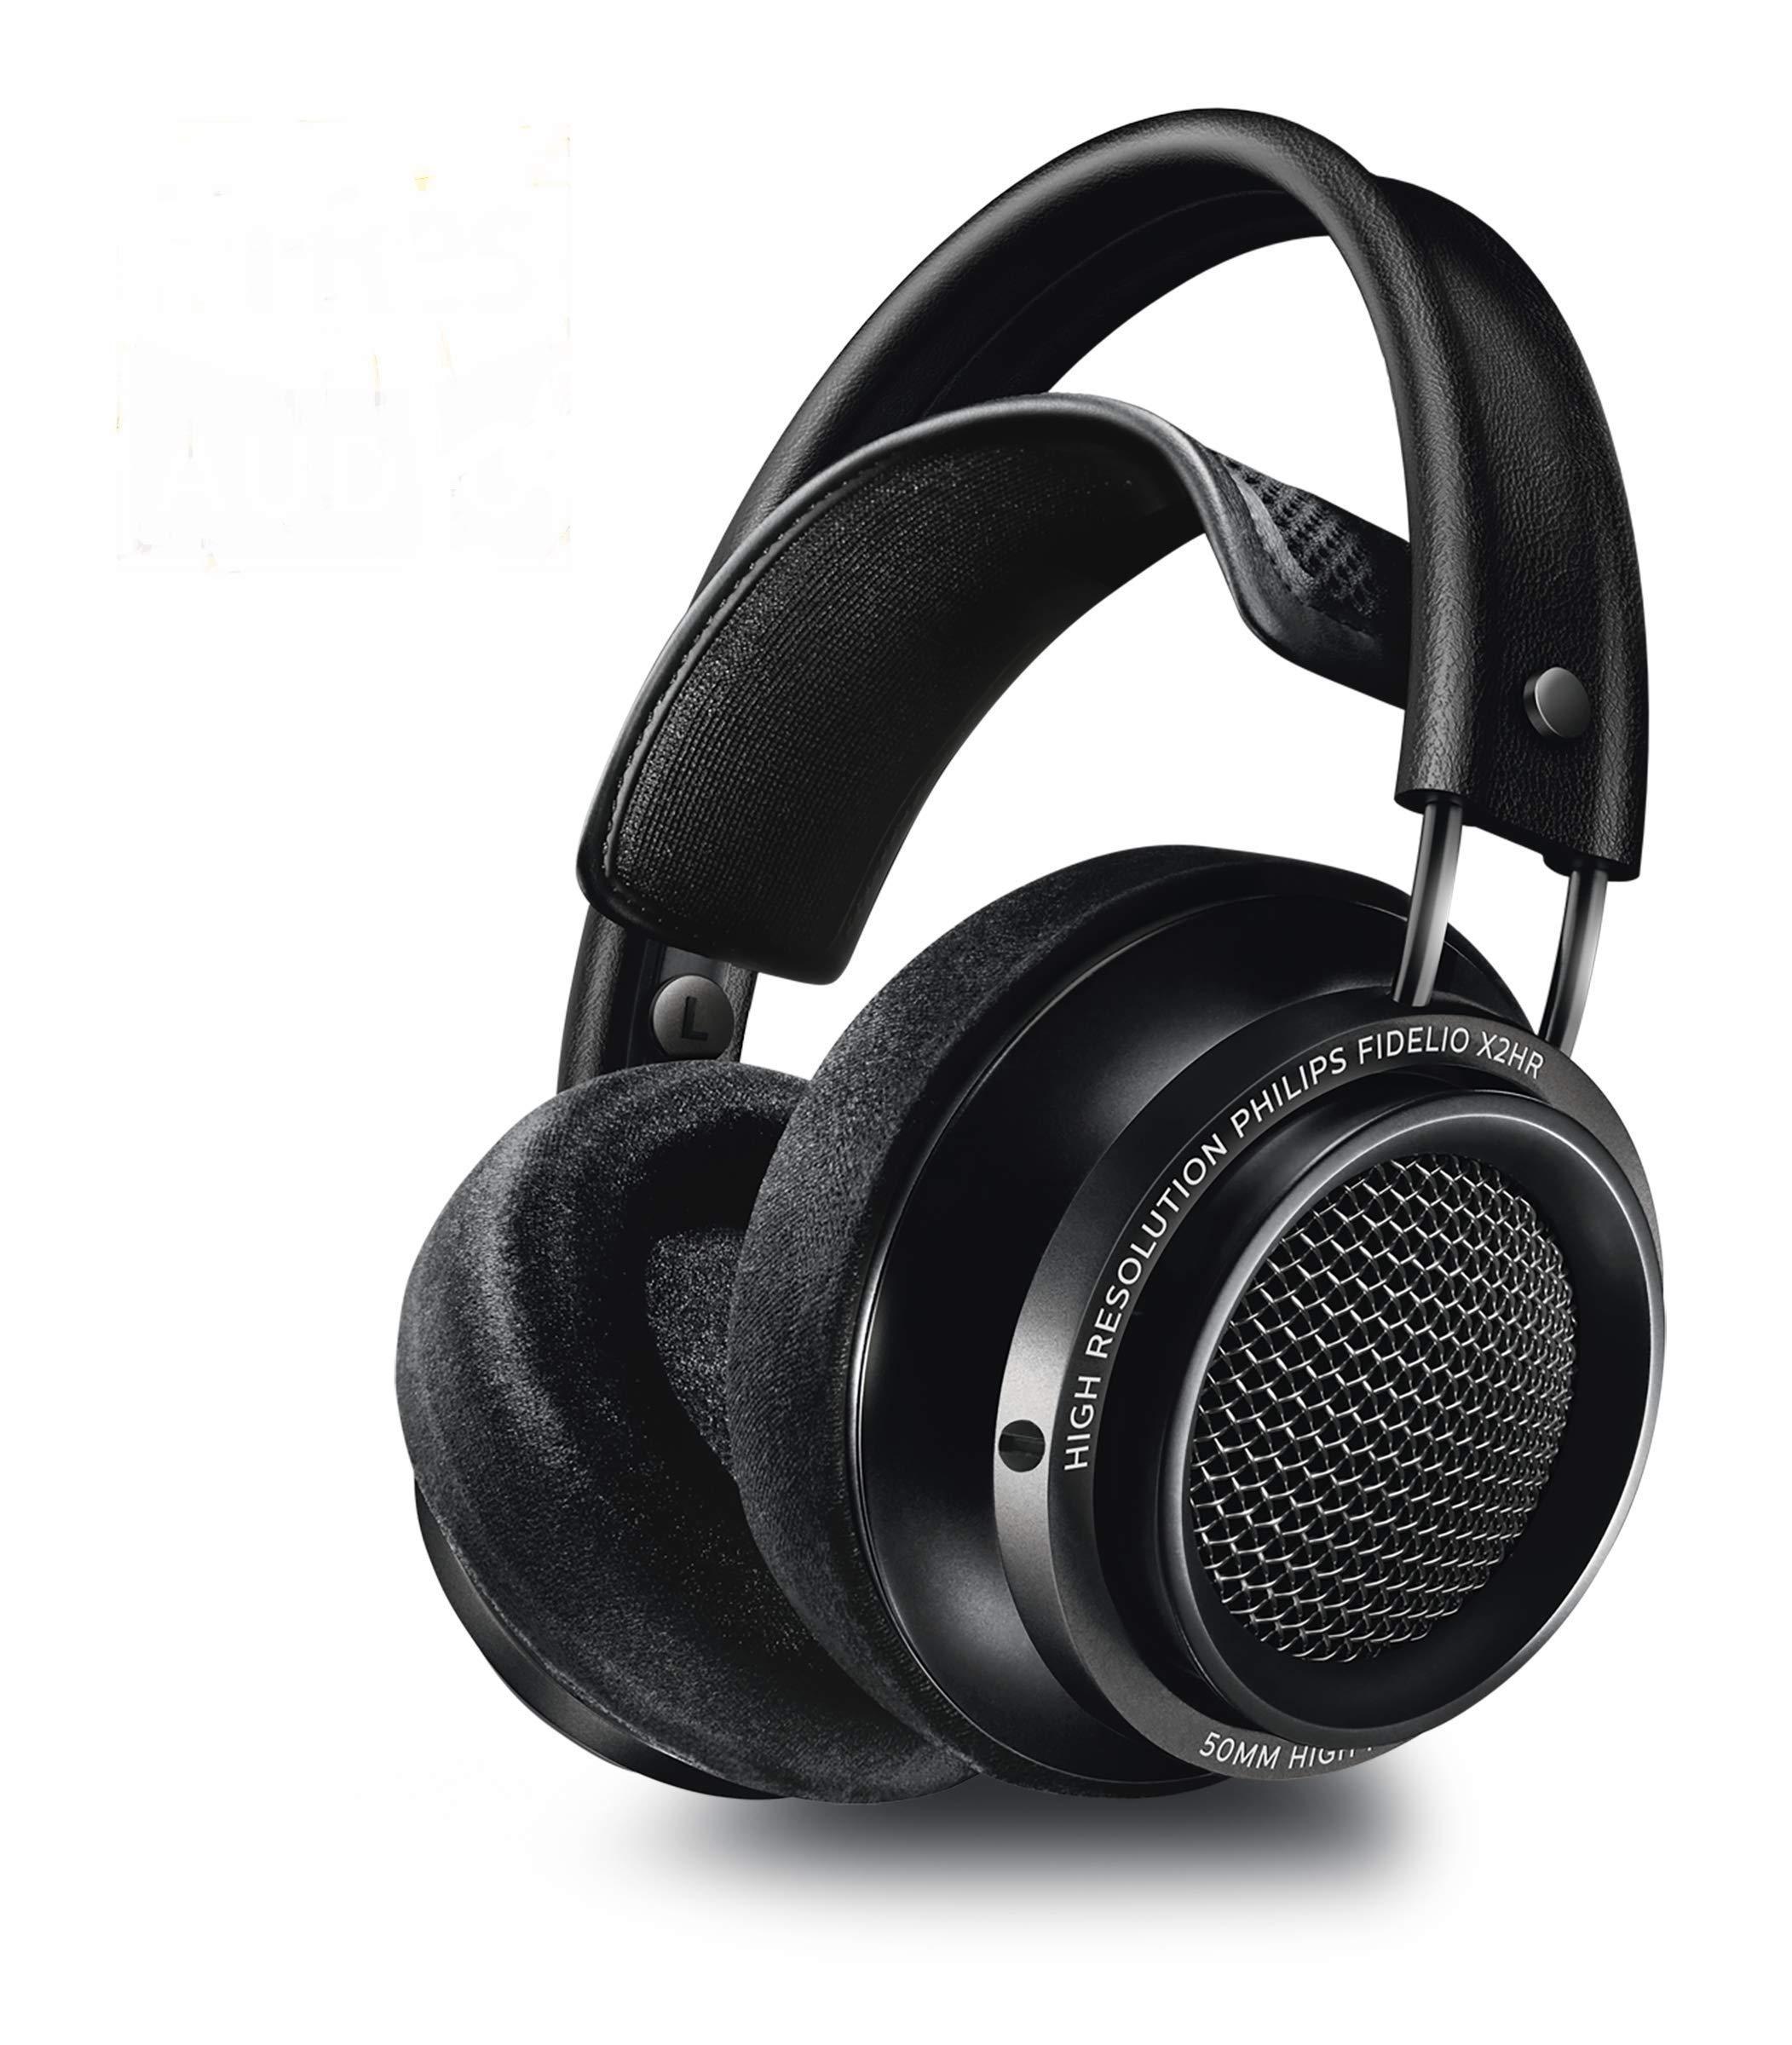 Philips X2HR Over Ear Open Air Headphone